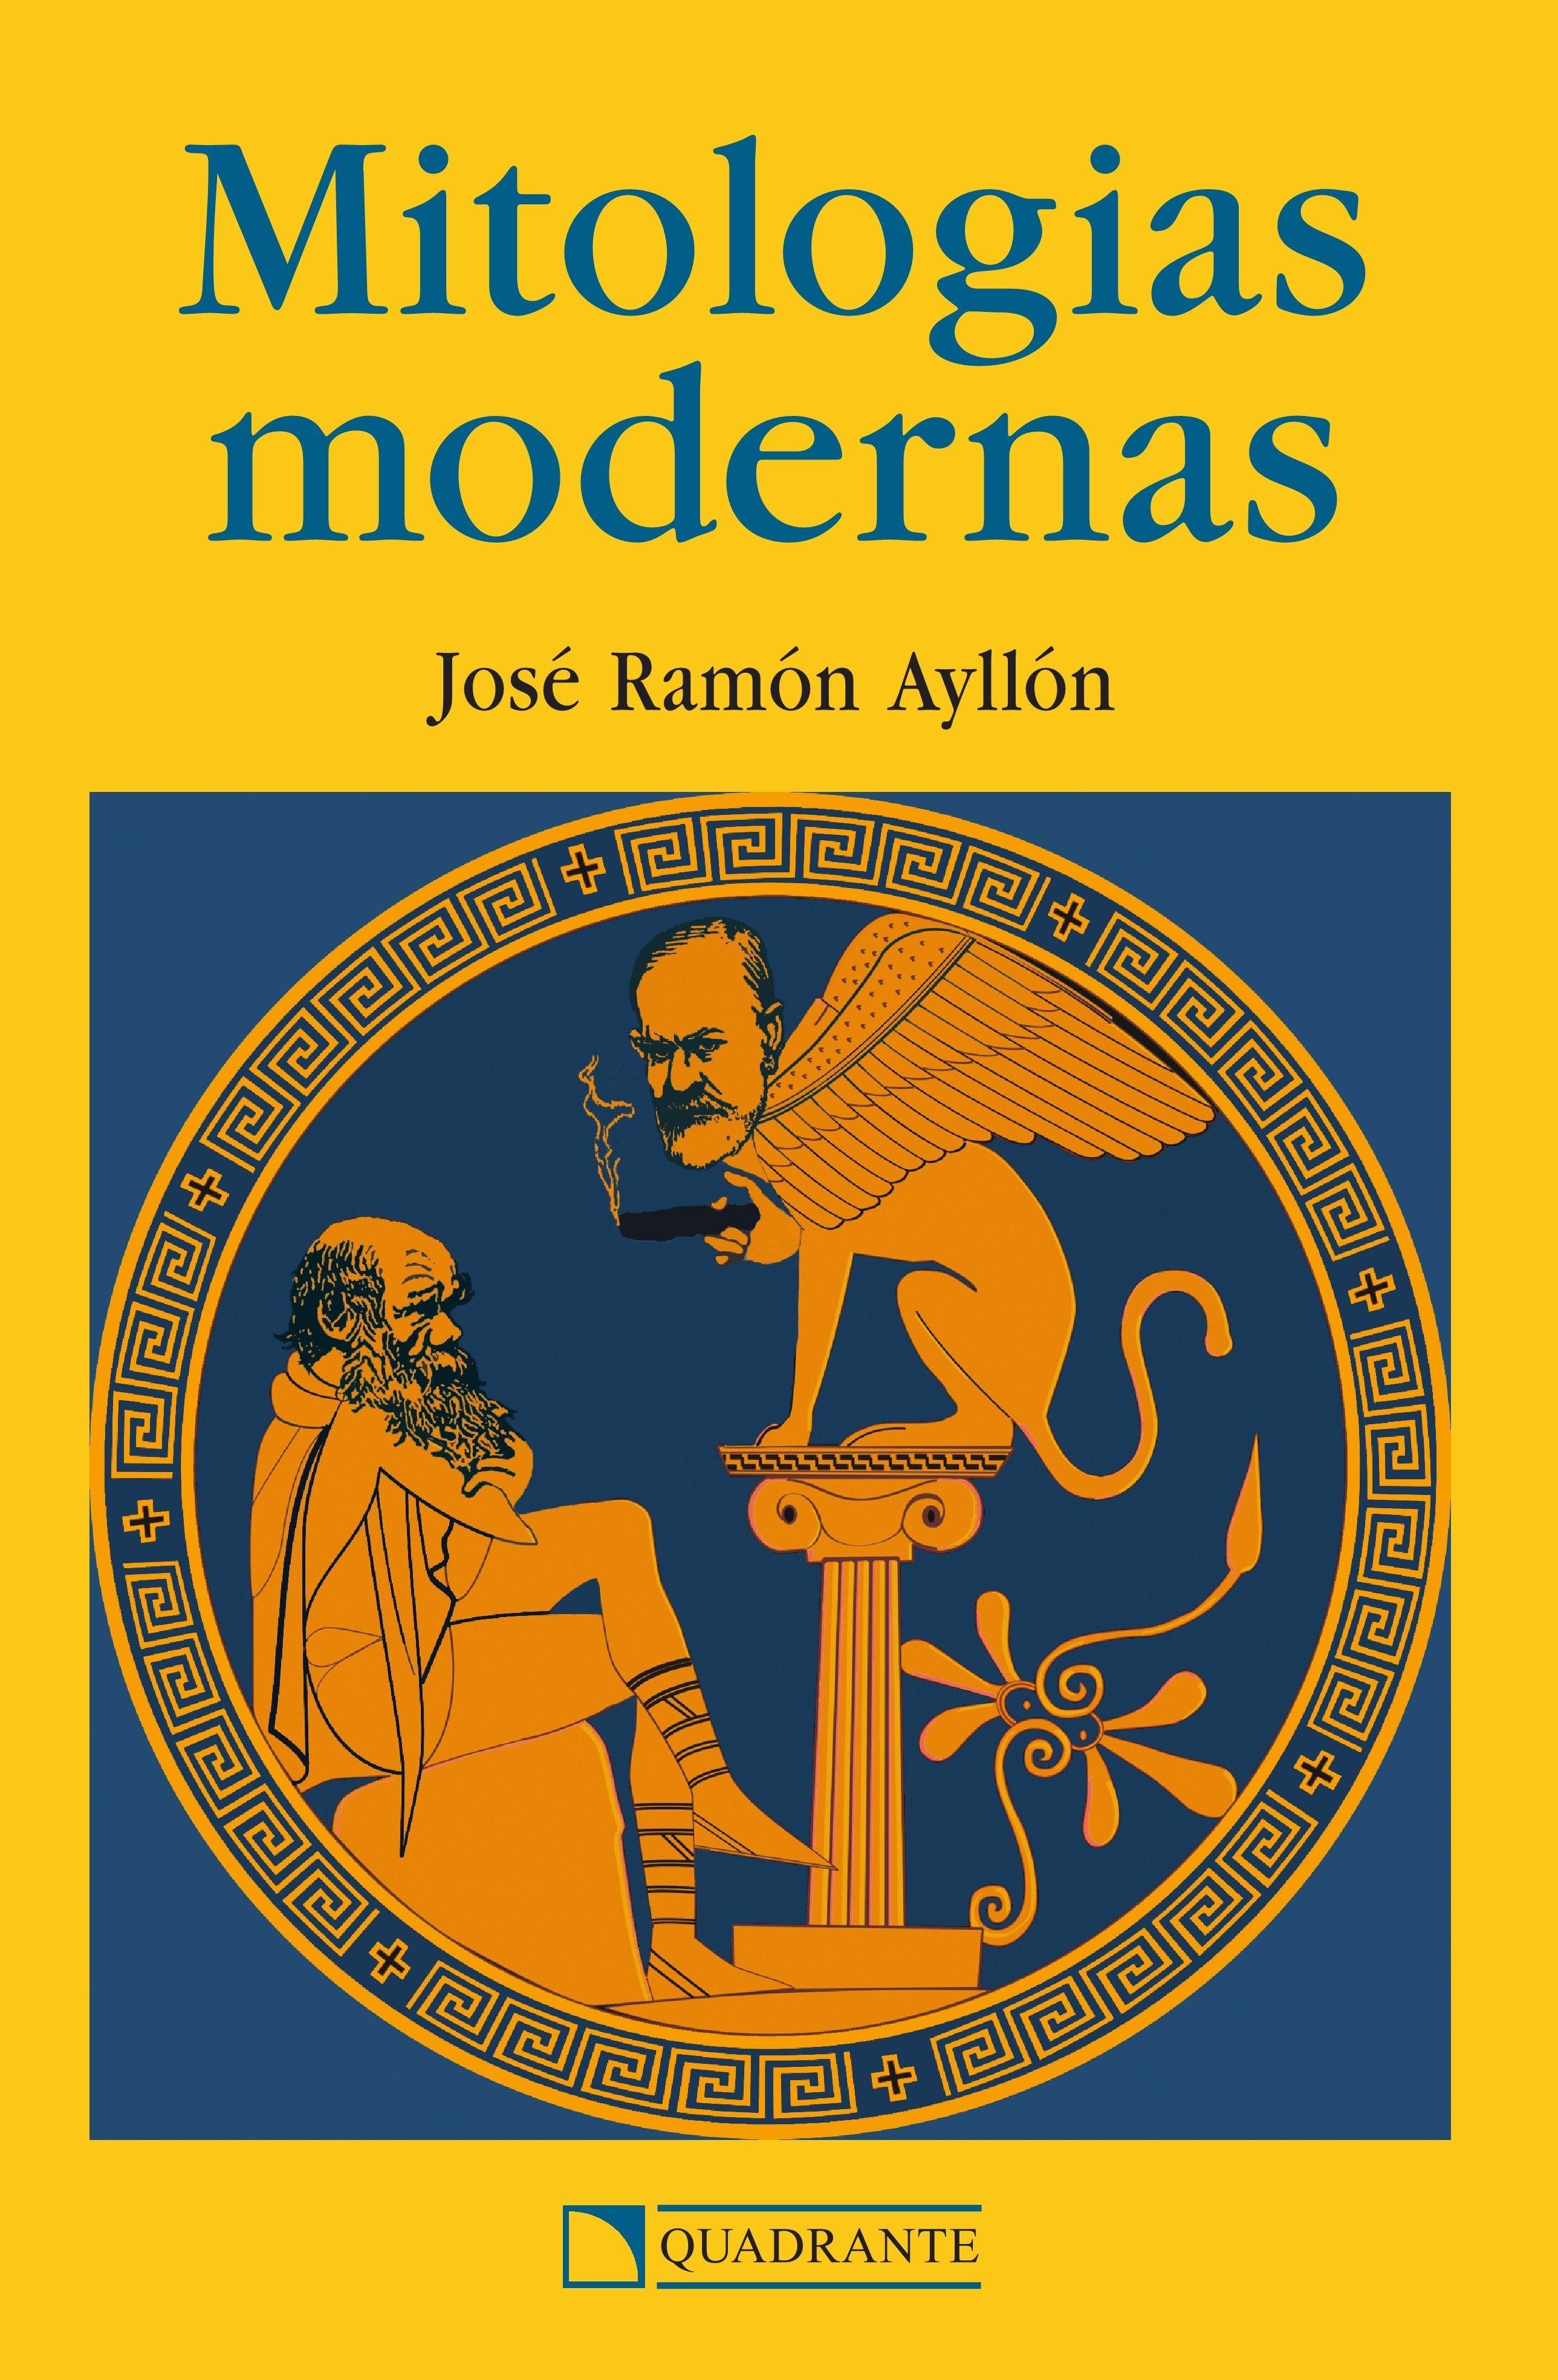 Livro Mitologias modernas